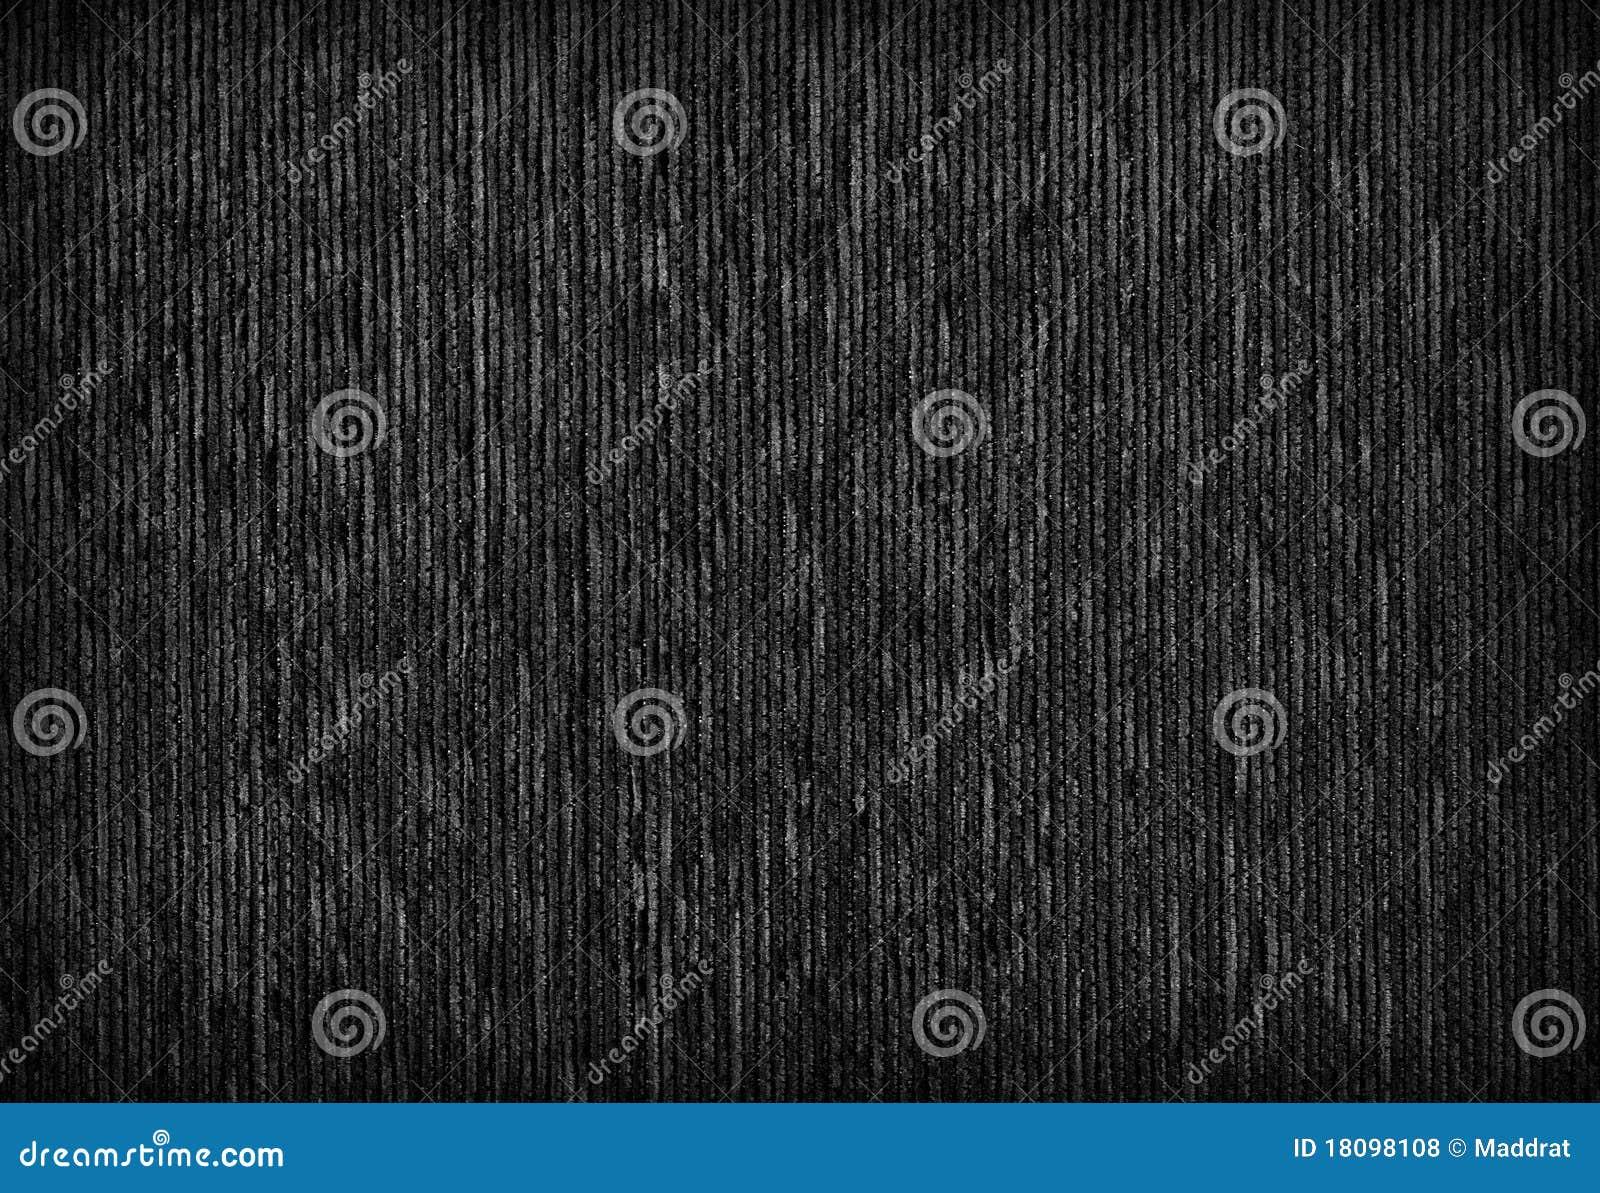 Vezelige synthetische stof royalty vrije stock foto 39 s afbeelding 18098108 - Oosters stof ...